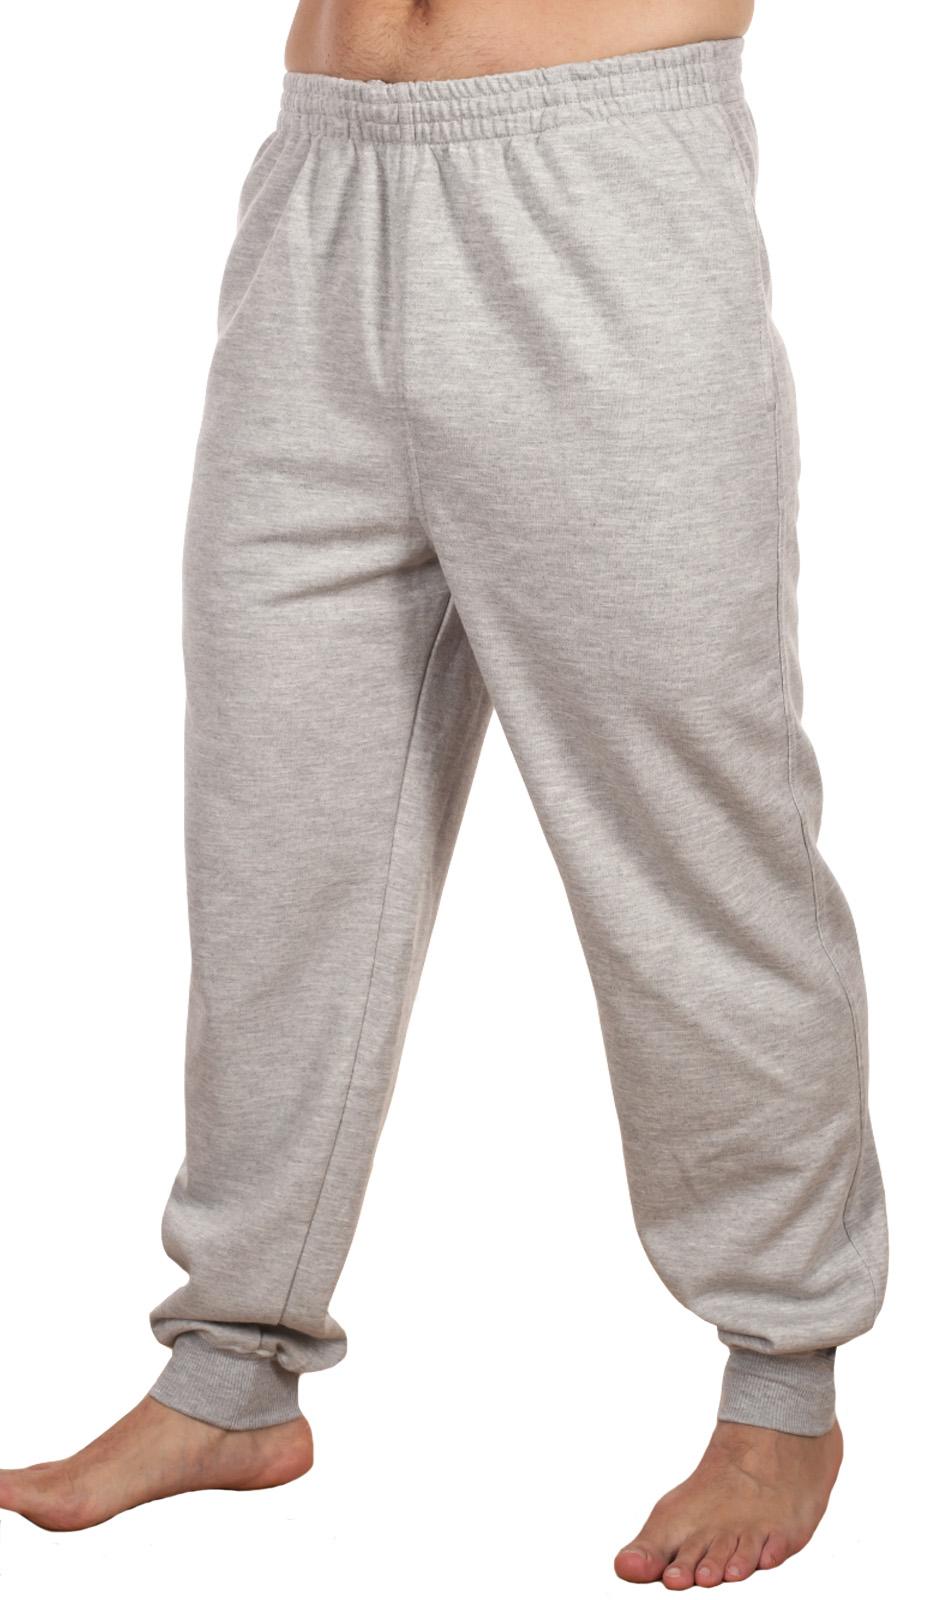 Купить в интернет магазине мужские брюки джоггеры